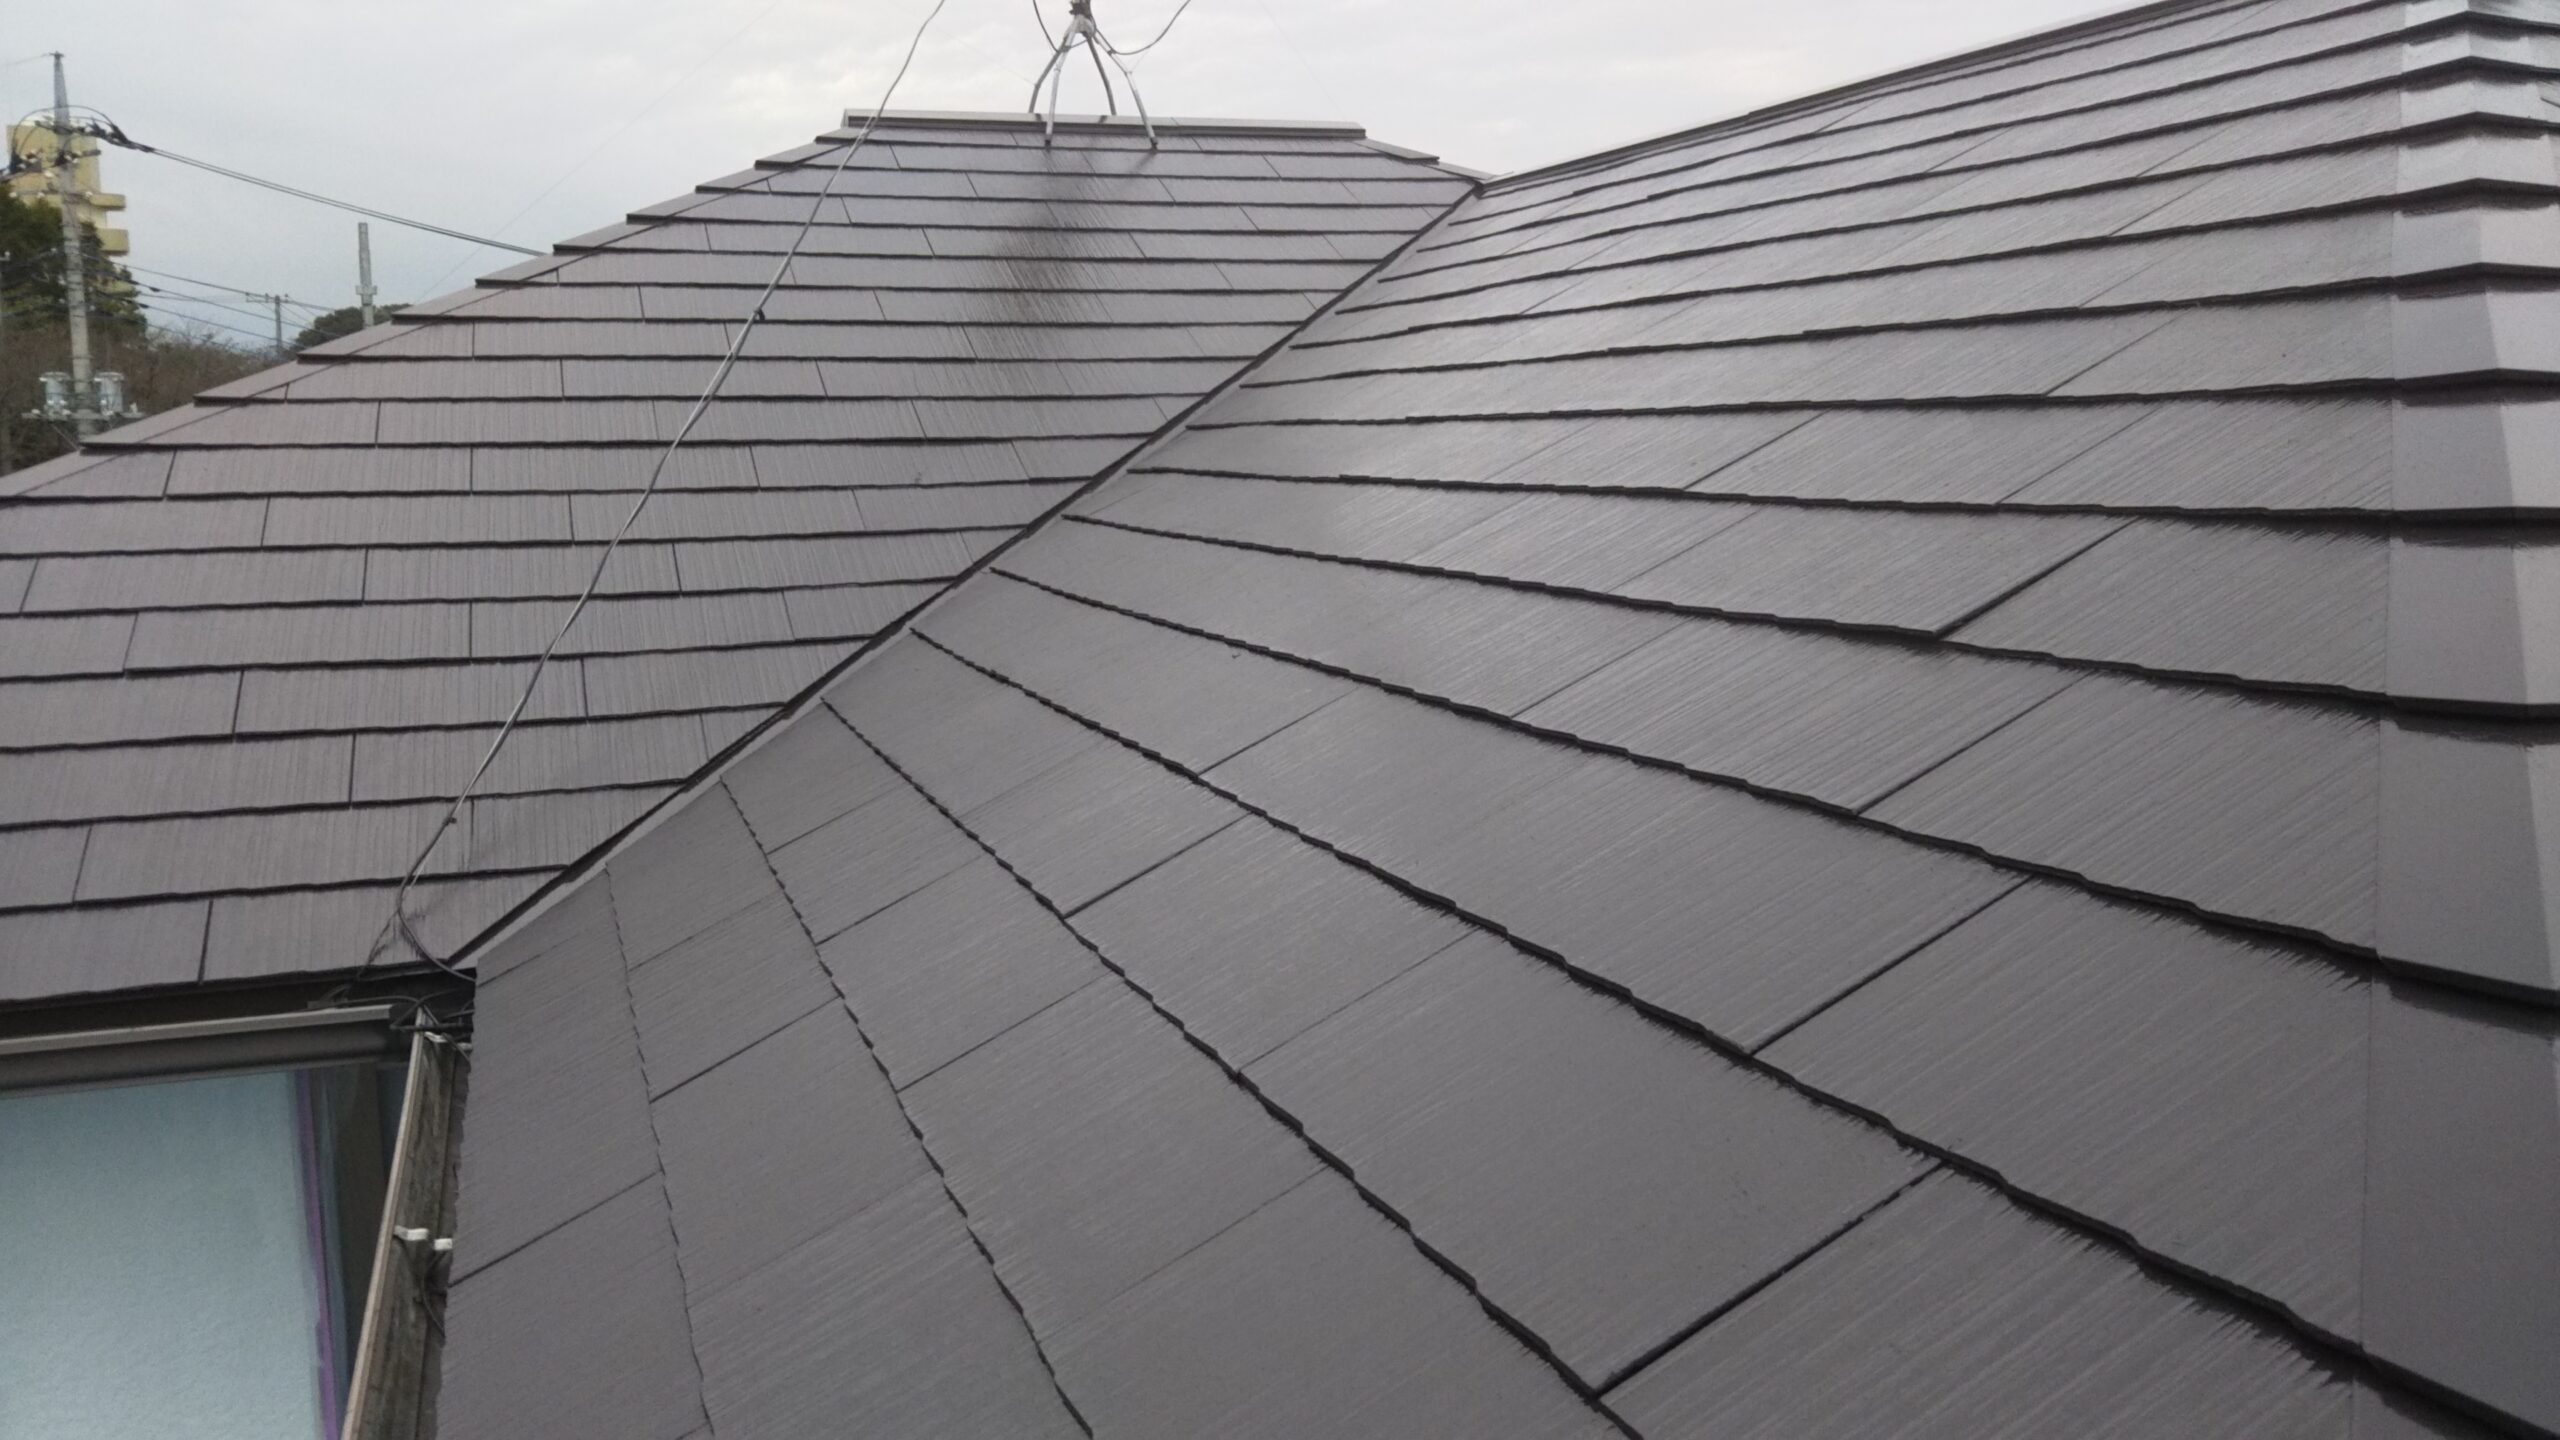 さいたま市浦和区のK様邸(木造2階建て)にて養生作業・外壁の下塗り・屋根の仕上げ塗装